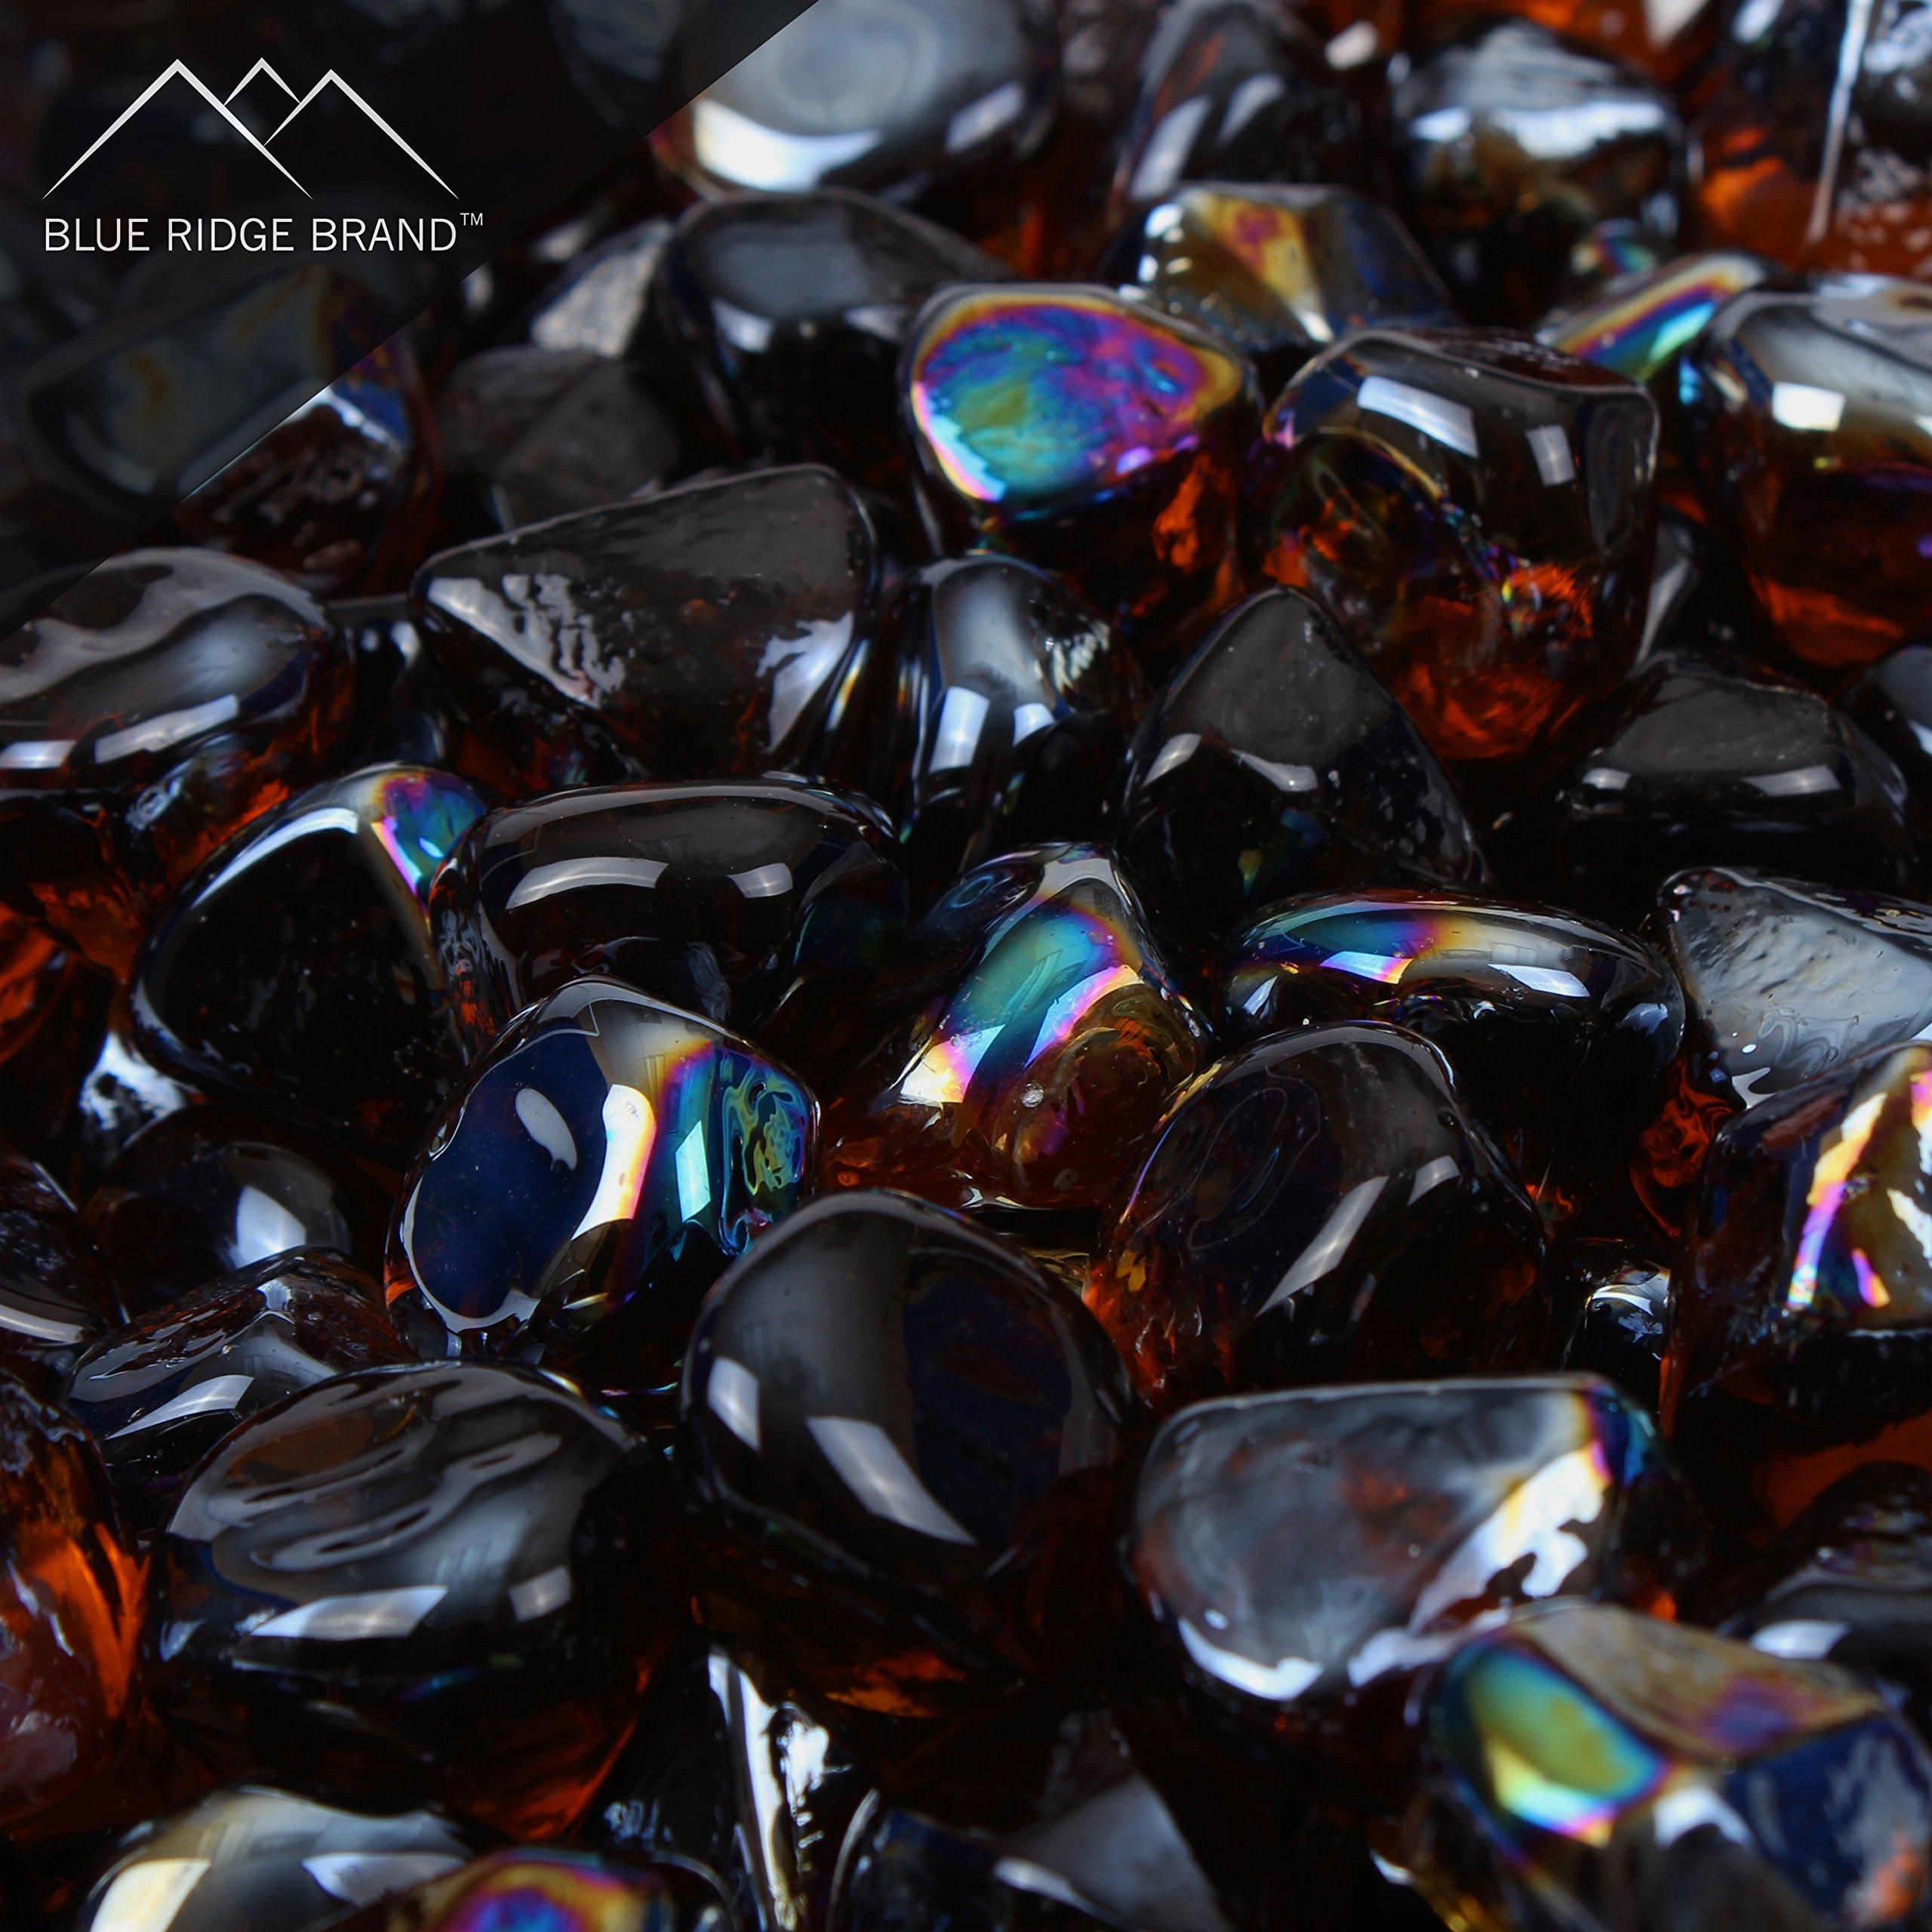 Blue Ridge Brand™ Amber Reflective Fire Glass Diamonds - 50-Pound Professional Grade Fire Pit Glass - 1'' Reflective Fire Pit Glass Bulk Contractor Pack